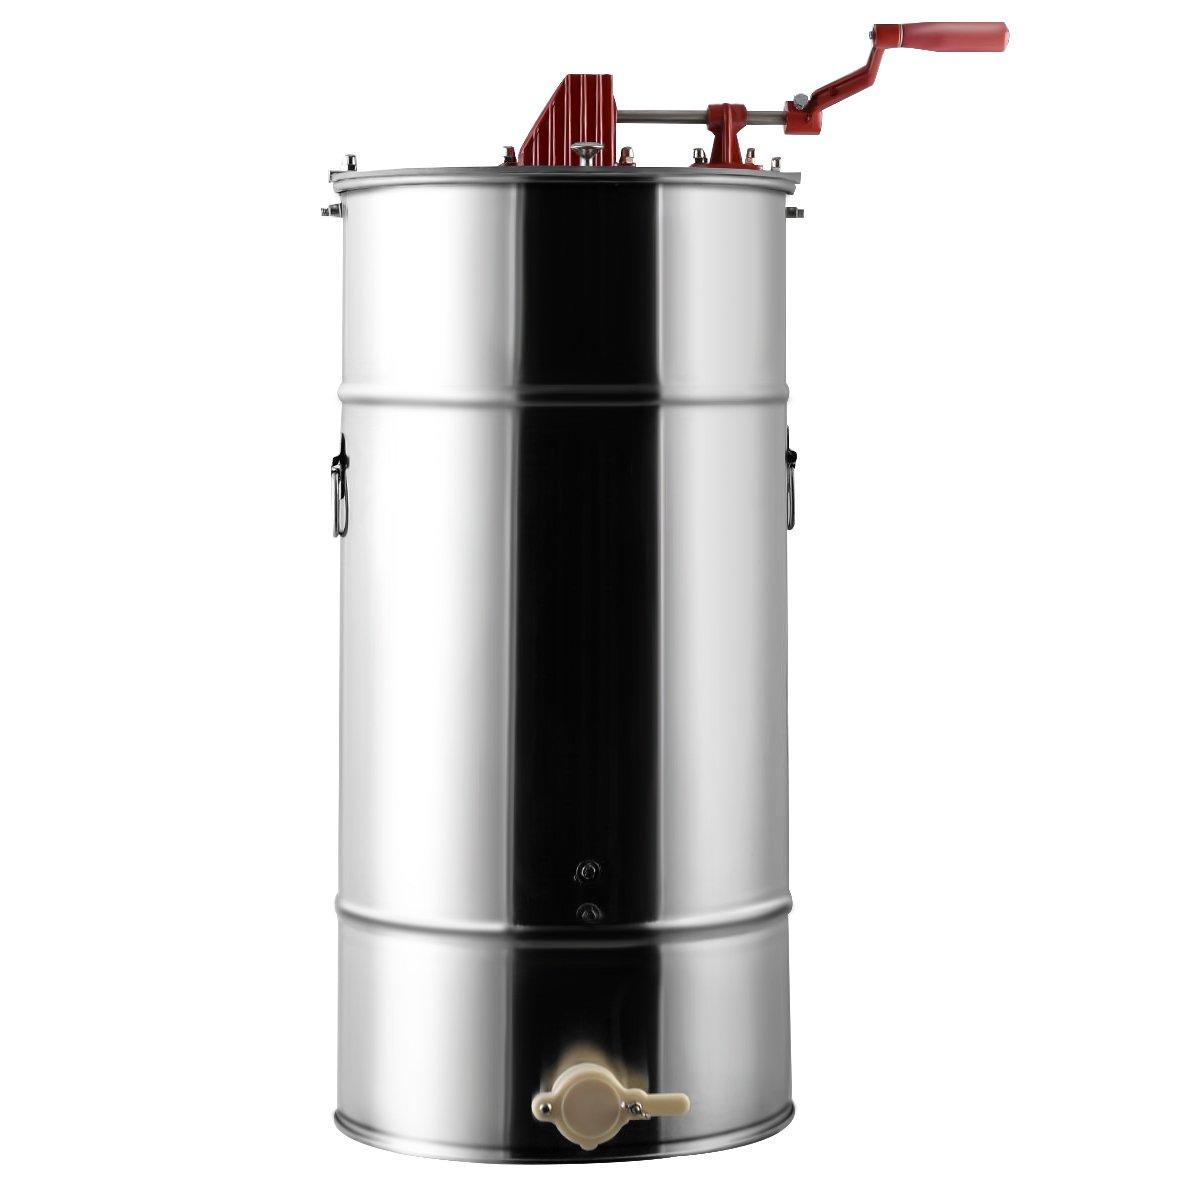 Goplus Large 2 Frame Stainless Steel Honey Extractor Beekeeping Equipment Superbuy